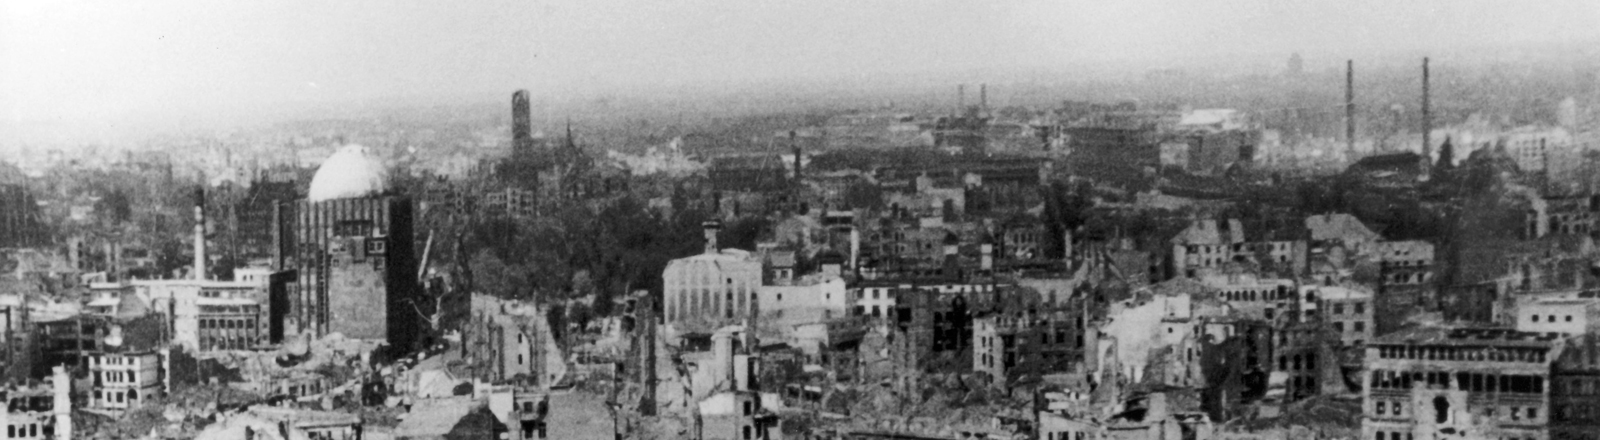 Eine durch Bombenangriffe zerstörte Stadt